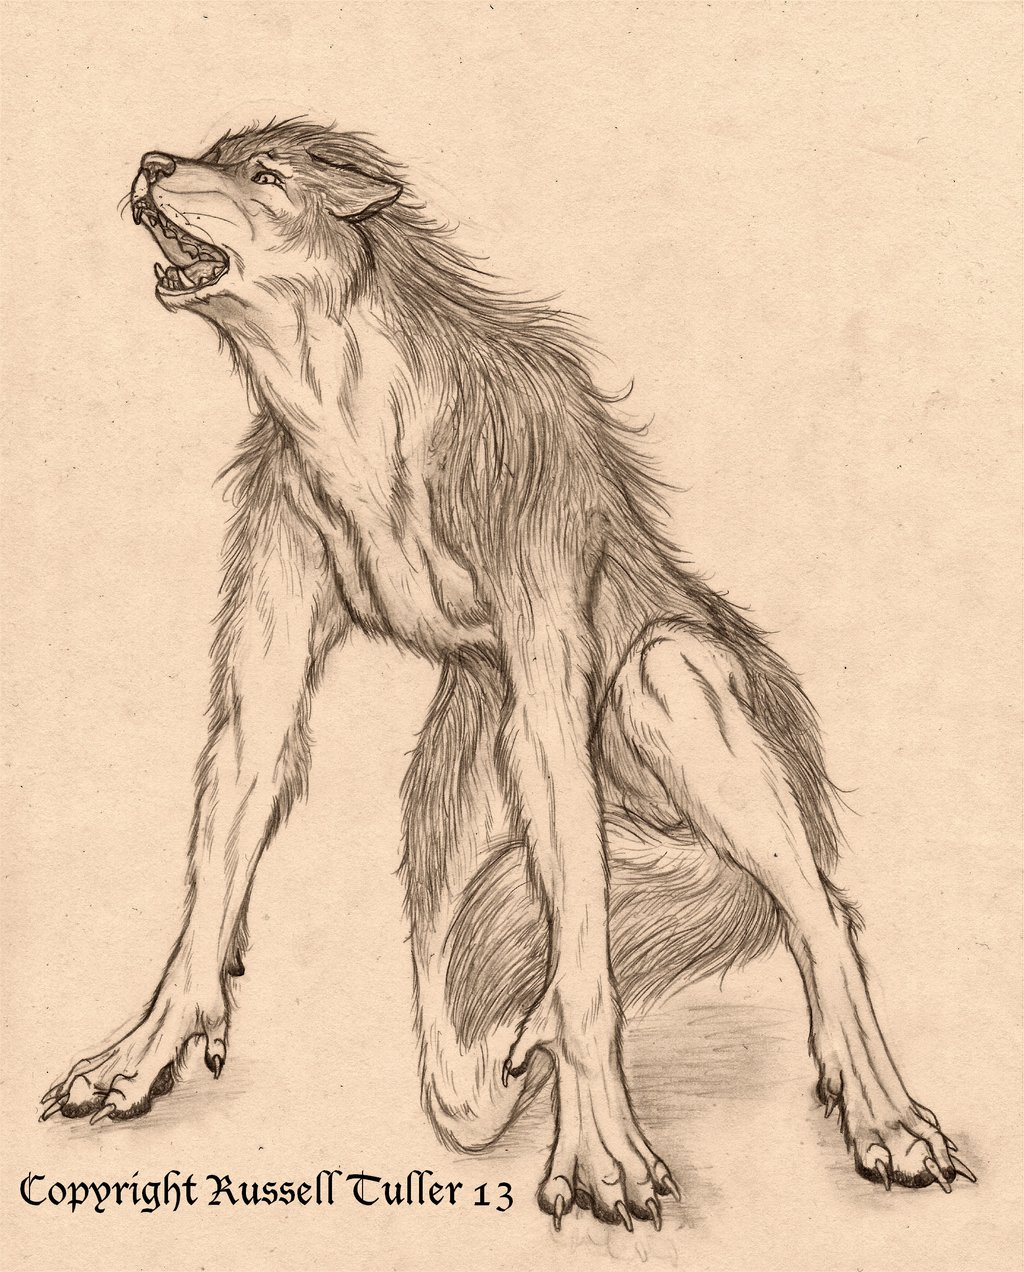 Drawn werewolf all fours 21 Katarsium Explore DeviantArt Werewolf